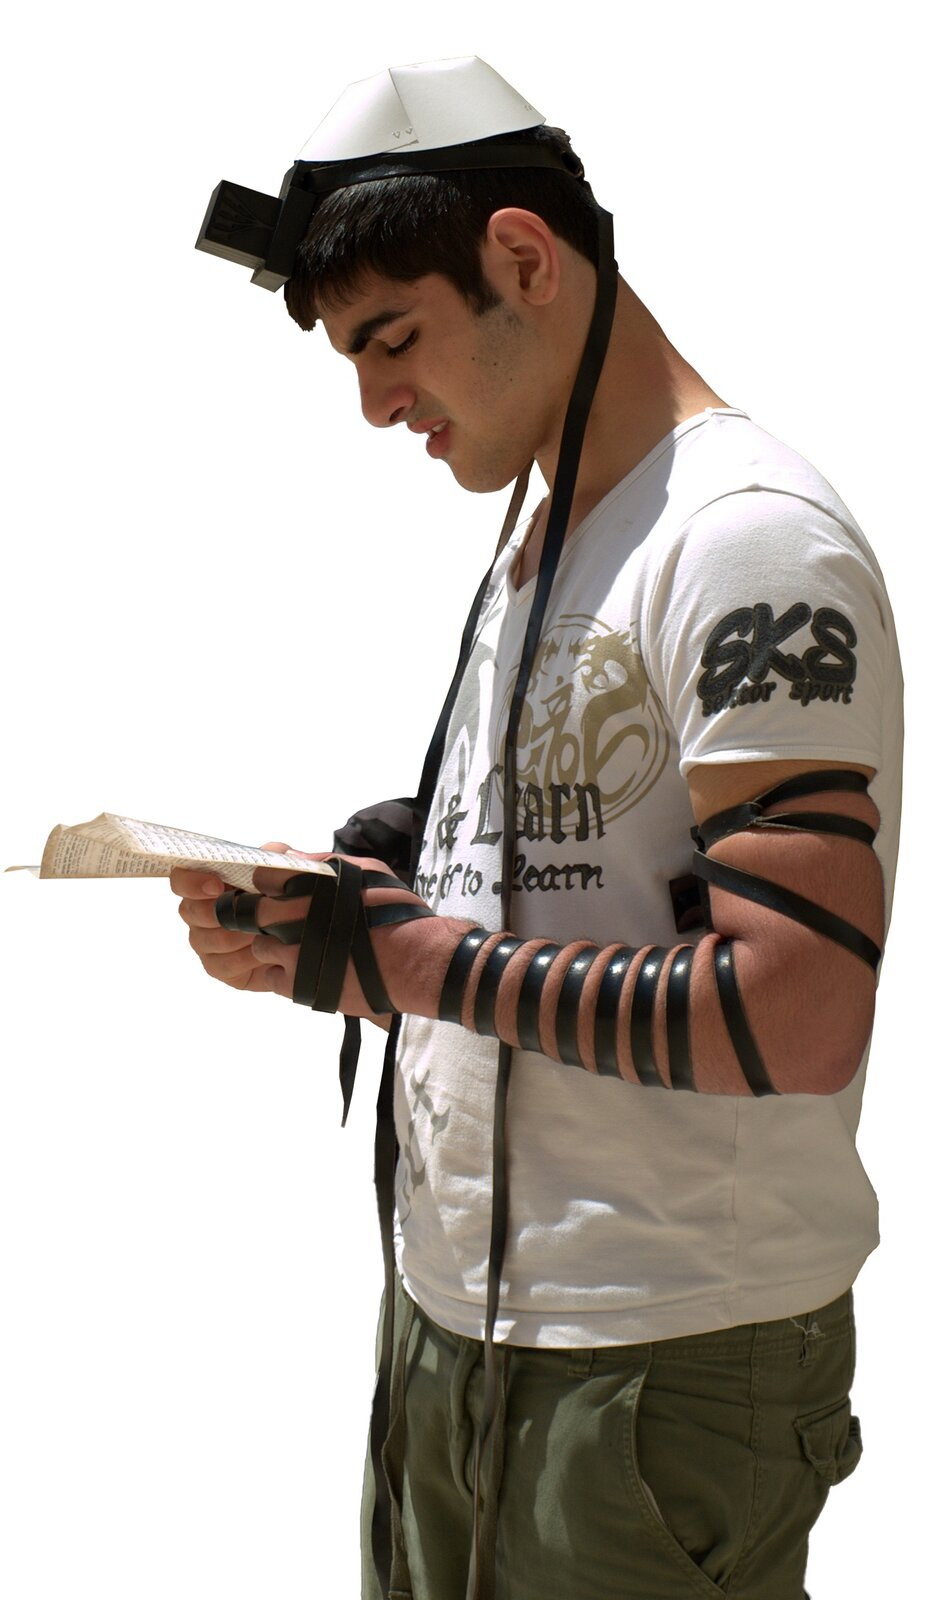 Pobożny Żyd noszący podczas porannej modlitwy tefilin, na który składają się dwa niewielkie, skórzane pojemniki zawierające pergaminowe fragmenty Tory, przymocowane rzemieniami do czoła iramienia. Pobożny Żyd noszący podczas porannej modlitwy tefilin, na który składają się dwa niewielkie, skórzane pojemniki zawierające pergaminowe fragmenty Tory, przymocowane rzemieniami do czoła iramienia. Źródło: David Shankbone, Wikimedia Commons, licencja: CC BY 3.0.